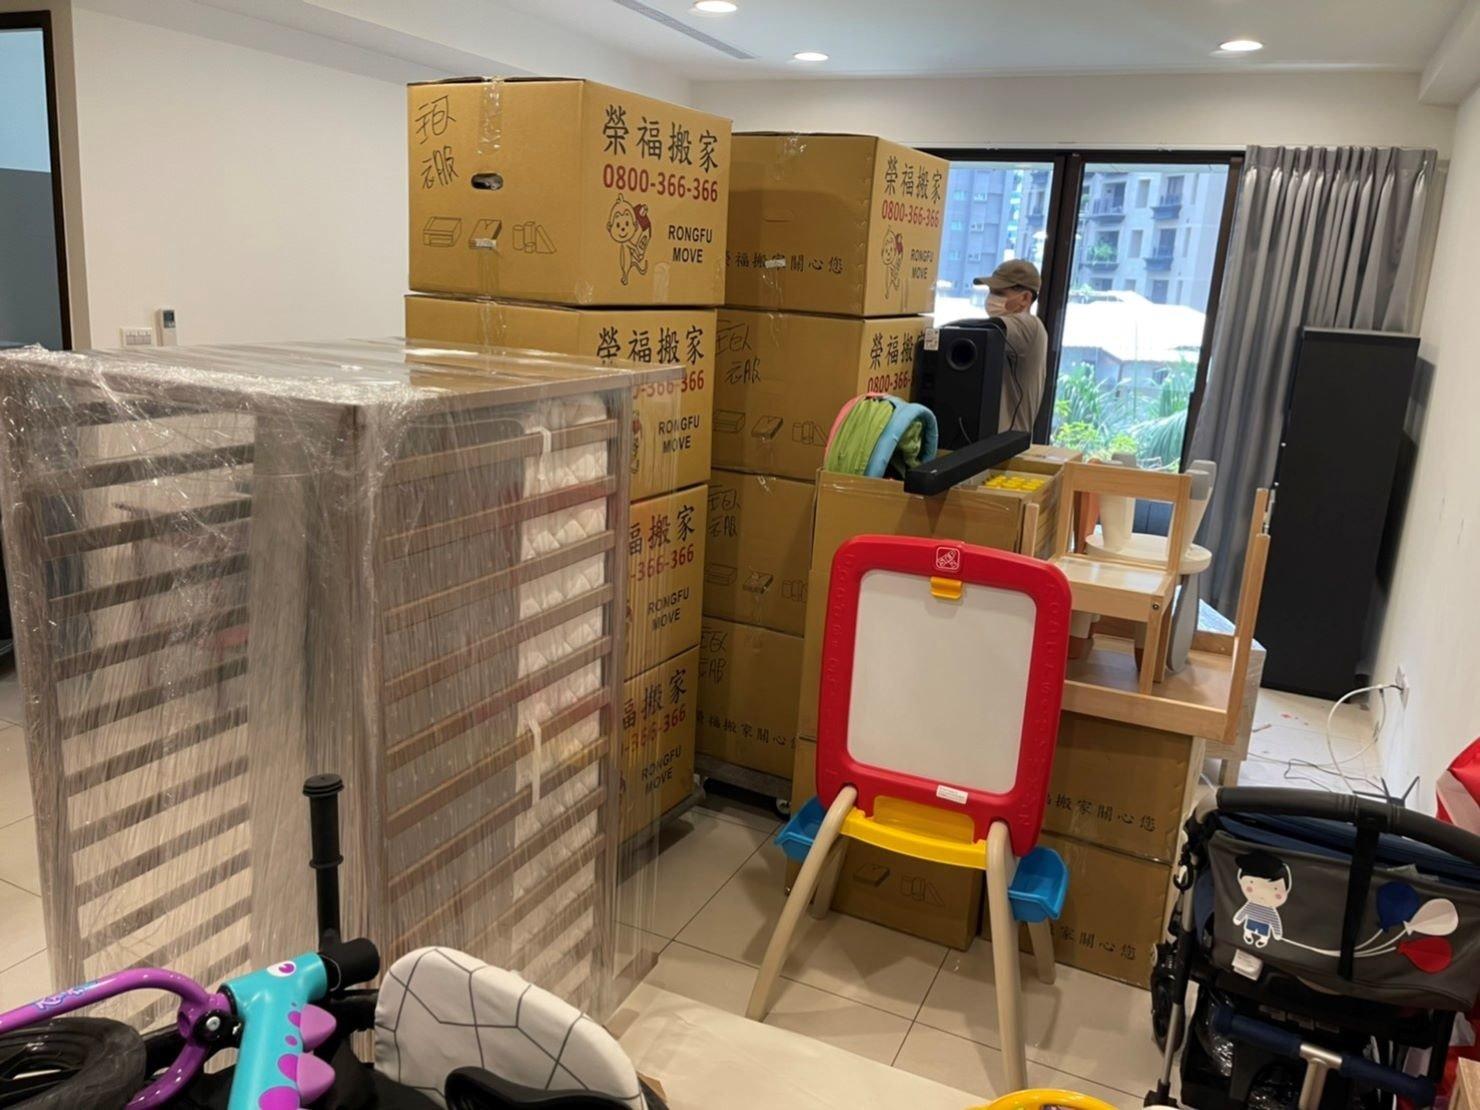 專人打包、搬家公司推薦、新北搬家公司推薦【榮福搬家公司】基隆搬家、南港搬家、桃園搬家公司推薦、家庭搬家、精緻搬家、精緻包裝、打包裝箱、跨縣市搬家、搬工計時、廚房家電包裝、廚房碗盤、人工搬運、搬家具、白土報紙、搬家首選、搬家紙箱、氣泡捲、膠膜、黃色透明膠帶、大型家具搬運、台北搬家公司推薦:大台北搬家,精緻包裝搬運「細膩包裝、專業搬運、用心服務、以客為尊」是榮福搬家公司的宗旨與精神。歡迎立即來電02-2651-2727專人服務。